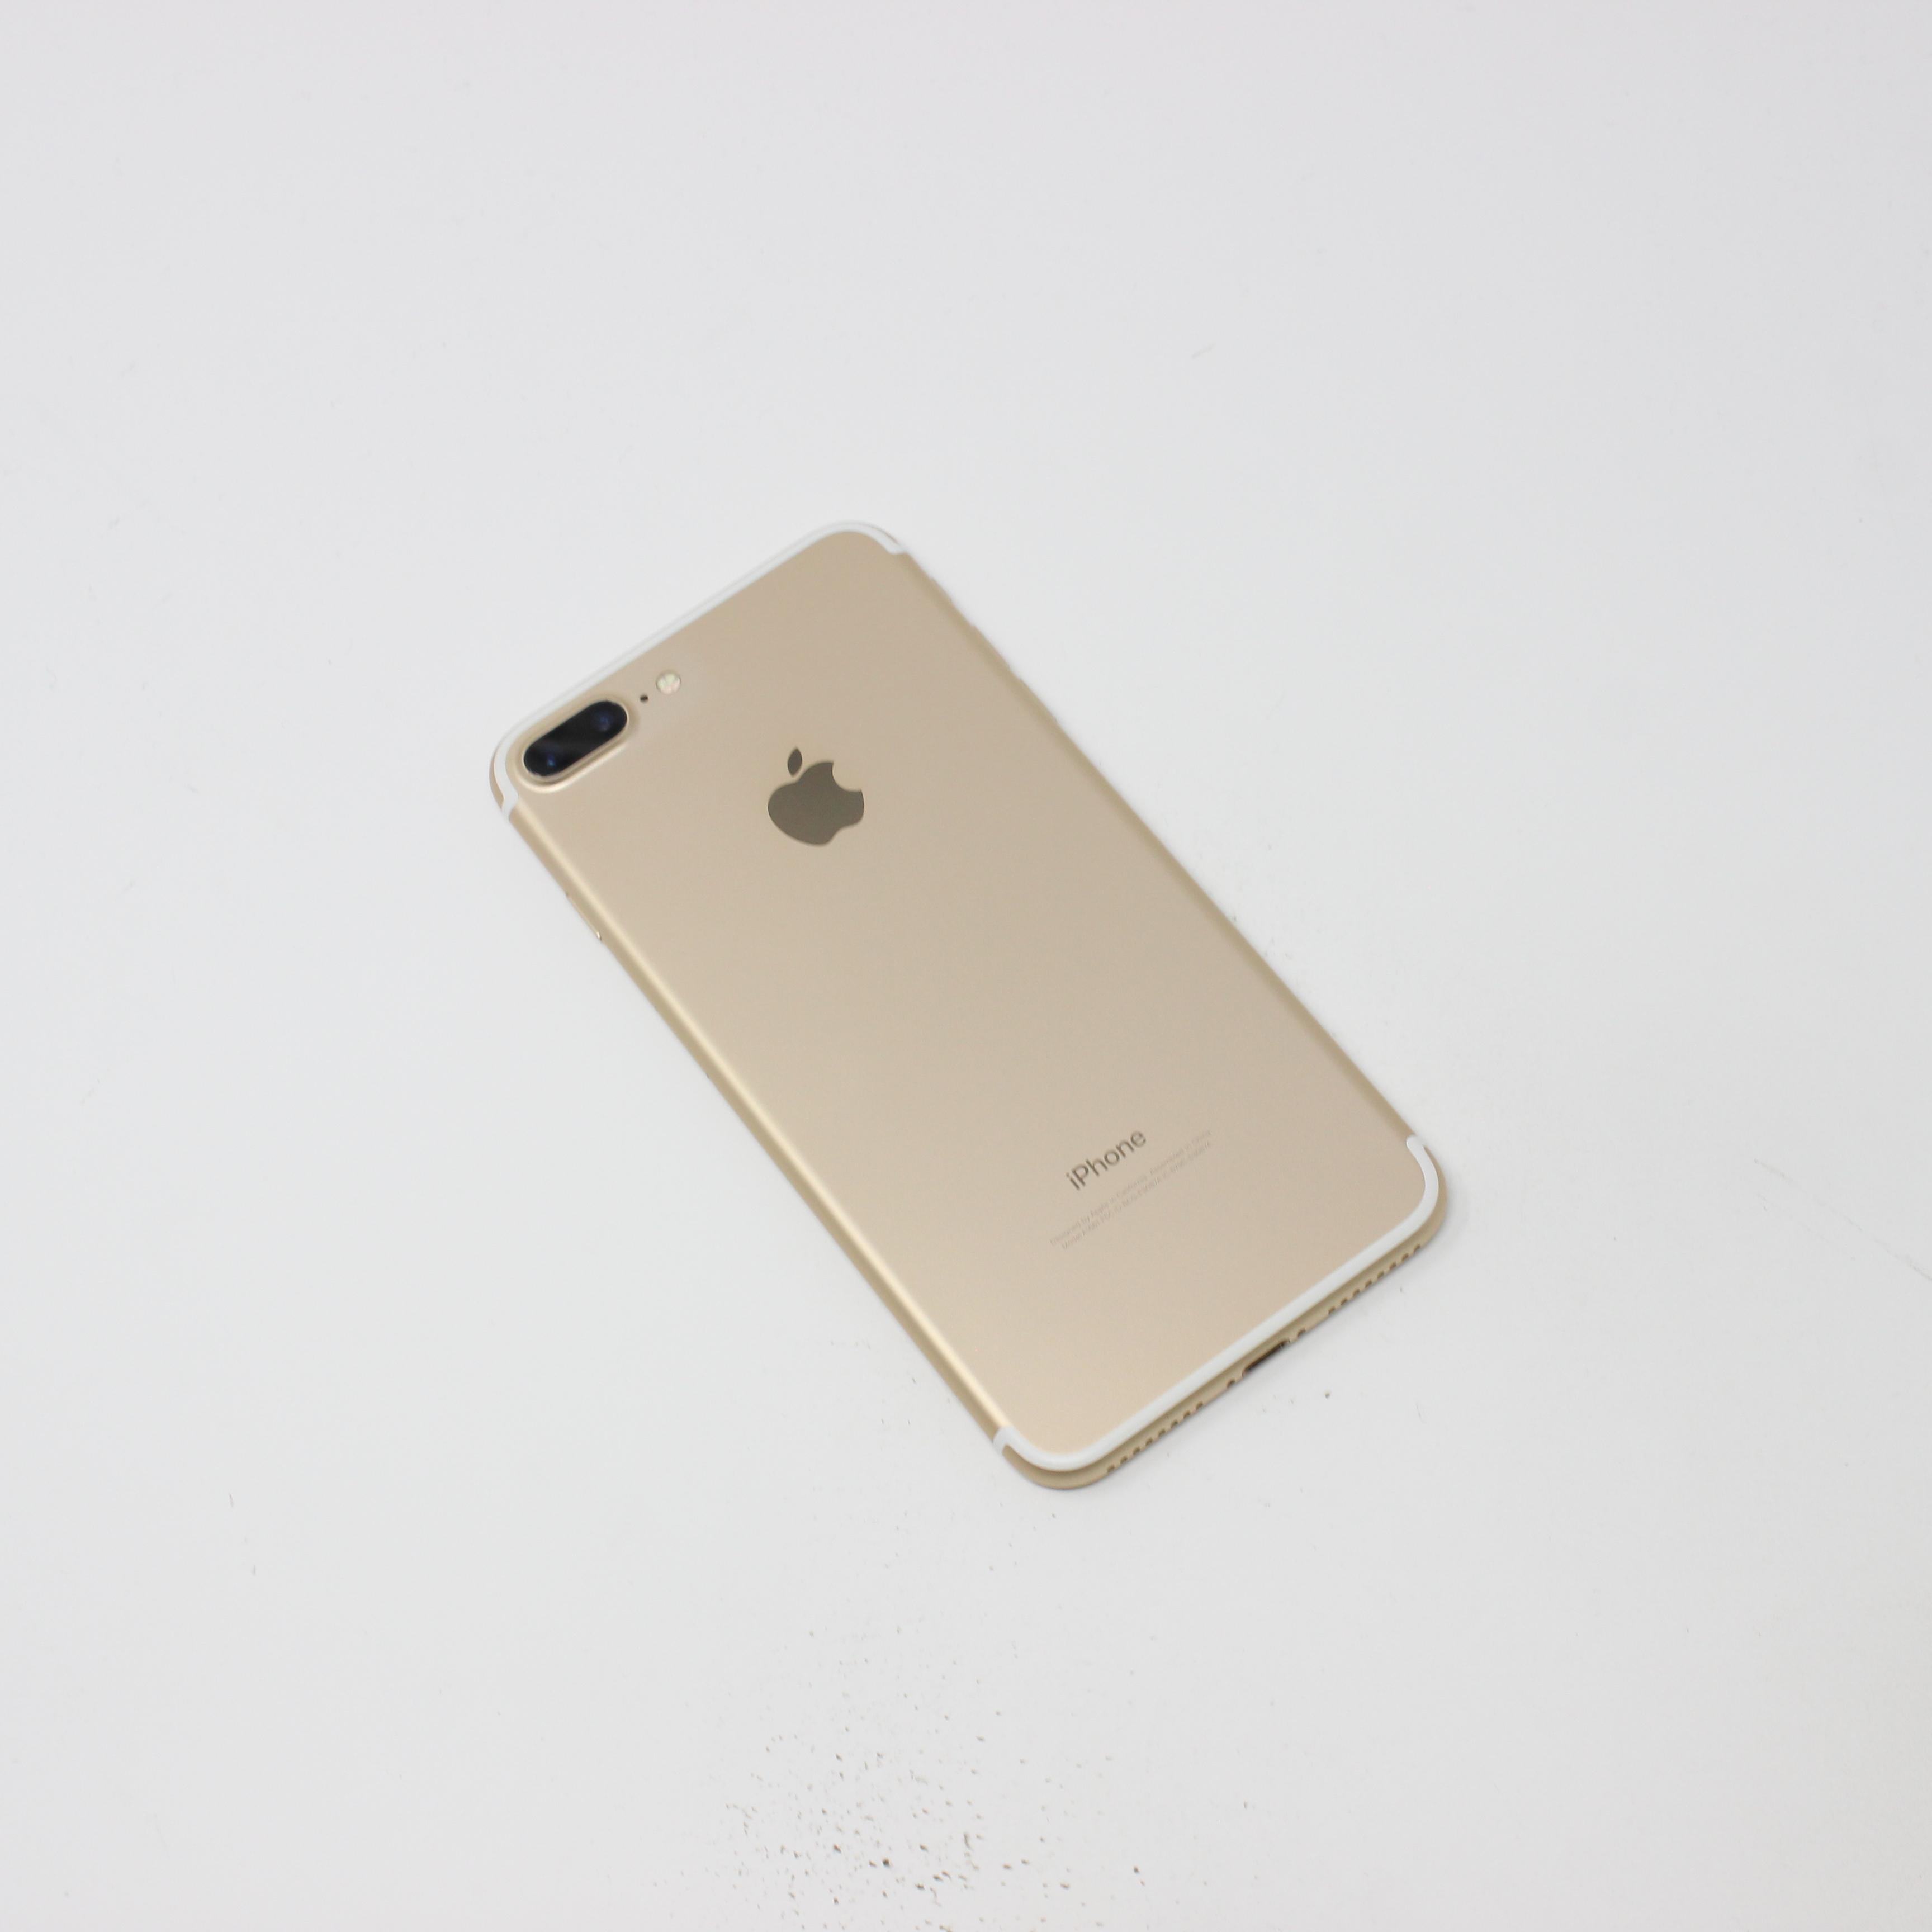 iPhone 7 Plus 32GB Gold - T-Mobile photo 3 | UpTradeit.com